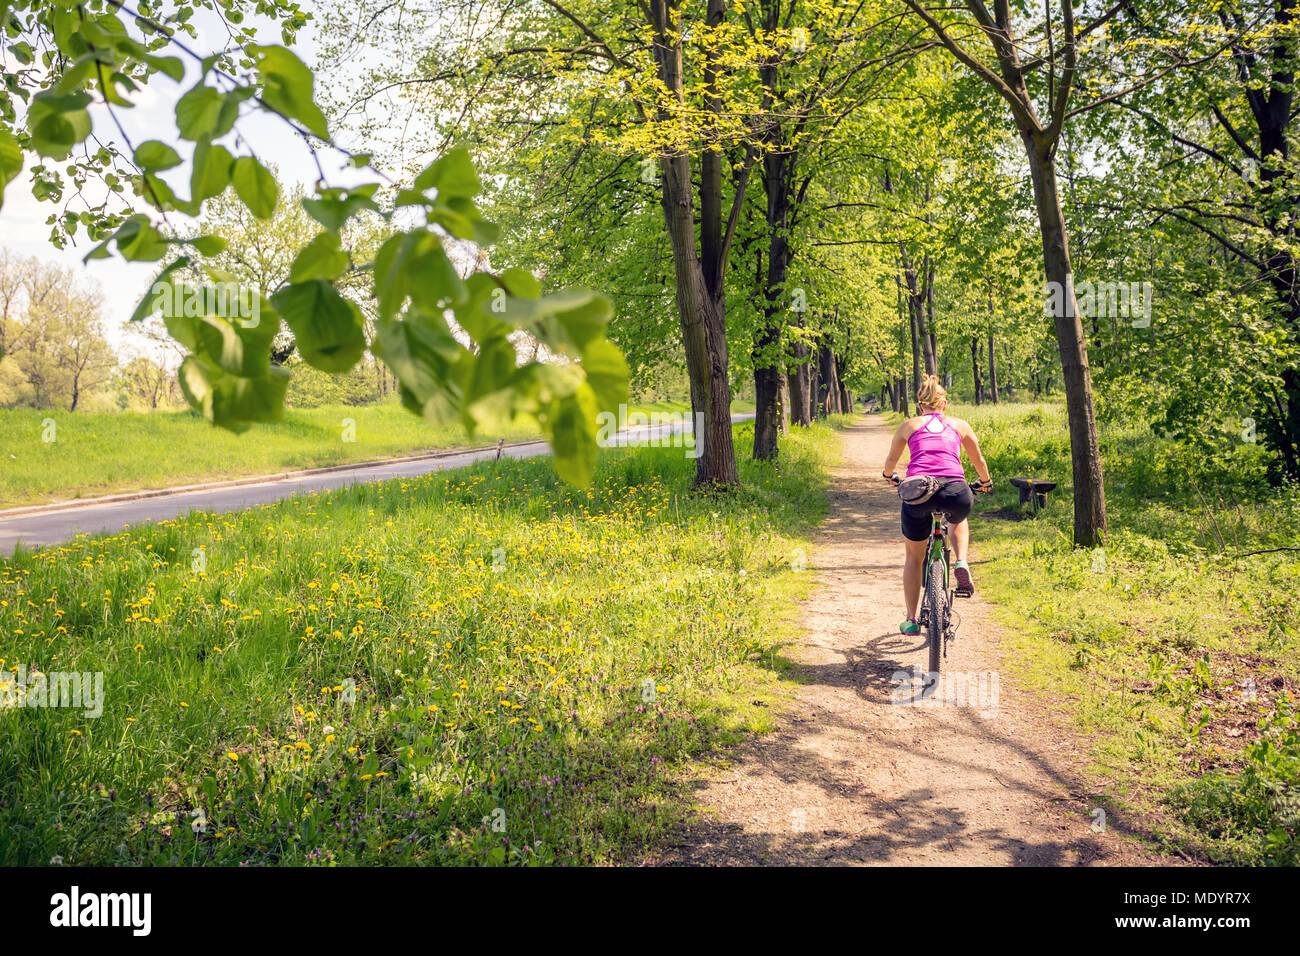 woman-cycling-a-mountain-bike-in-a-city-